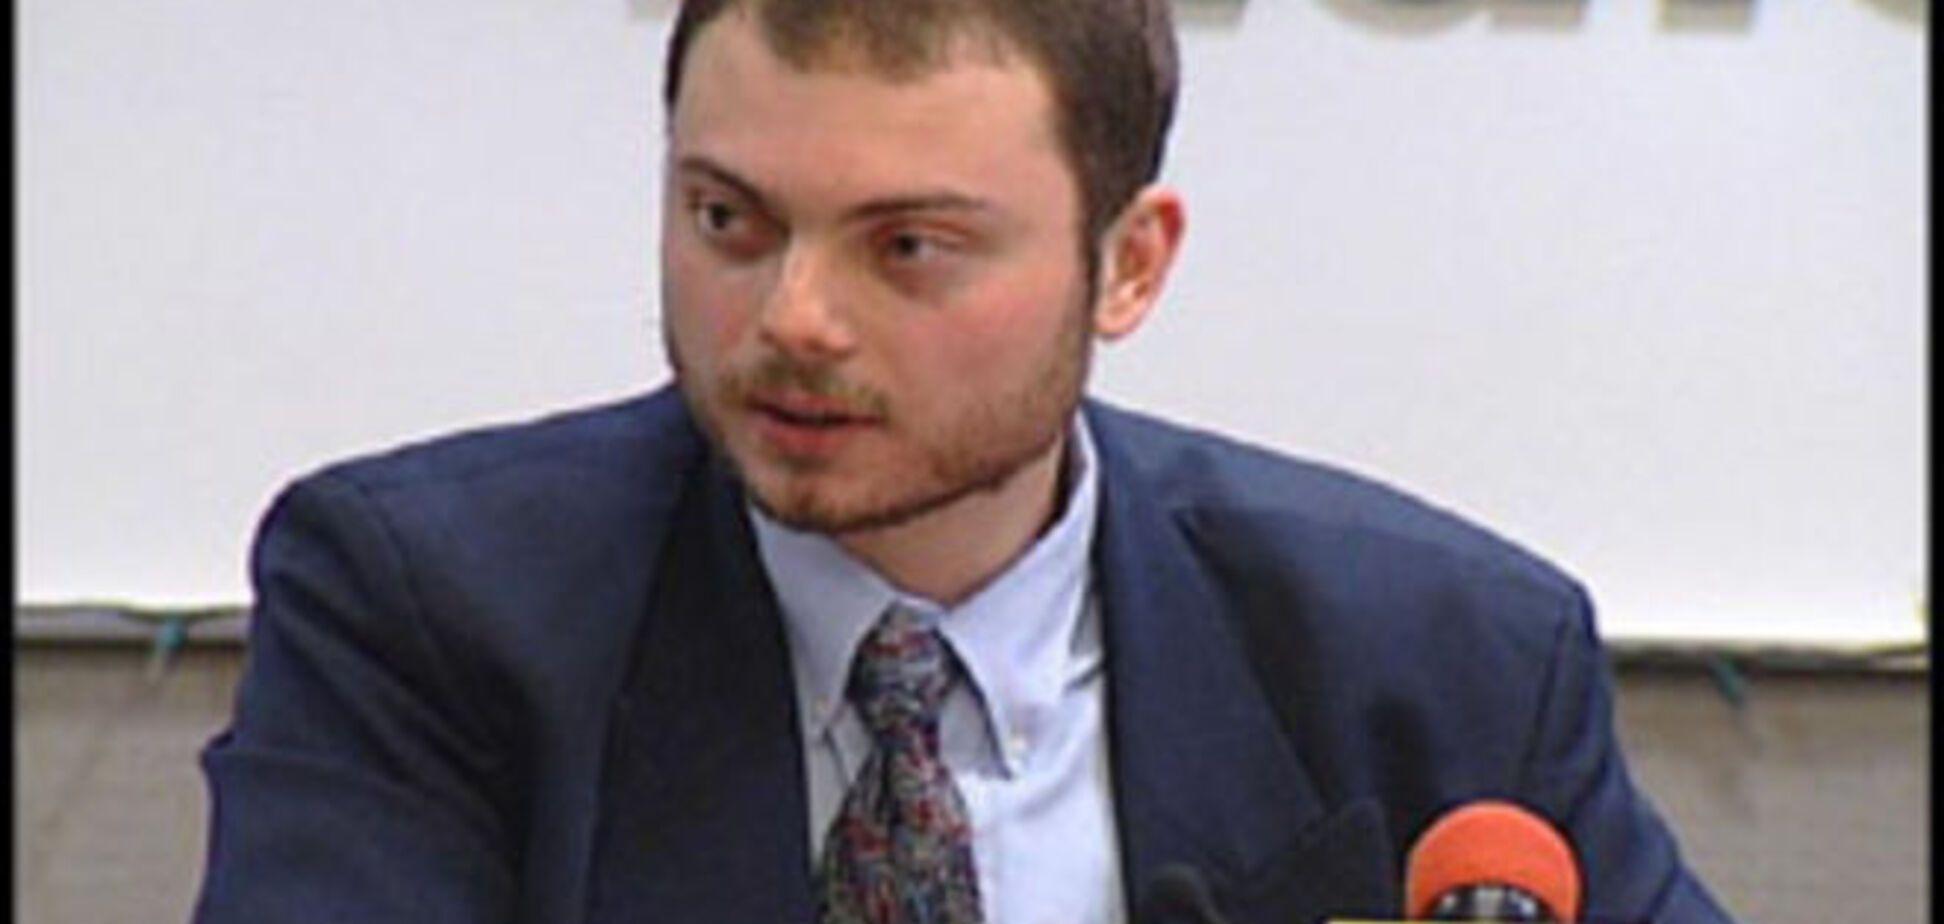 Соратник Немцова госпитализирован в критическом состоянии